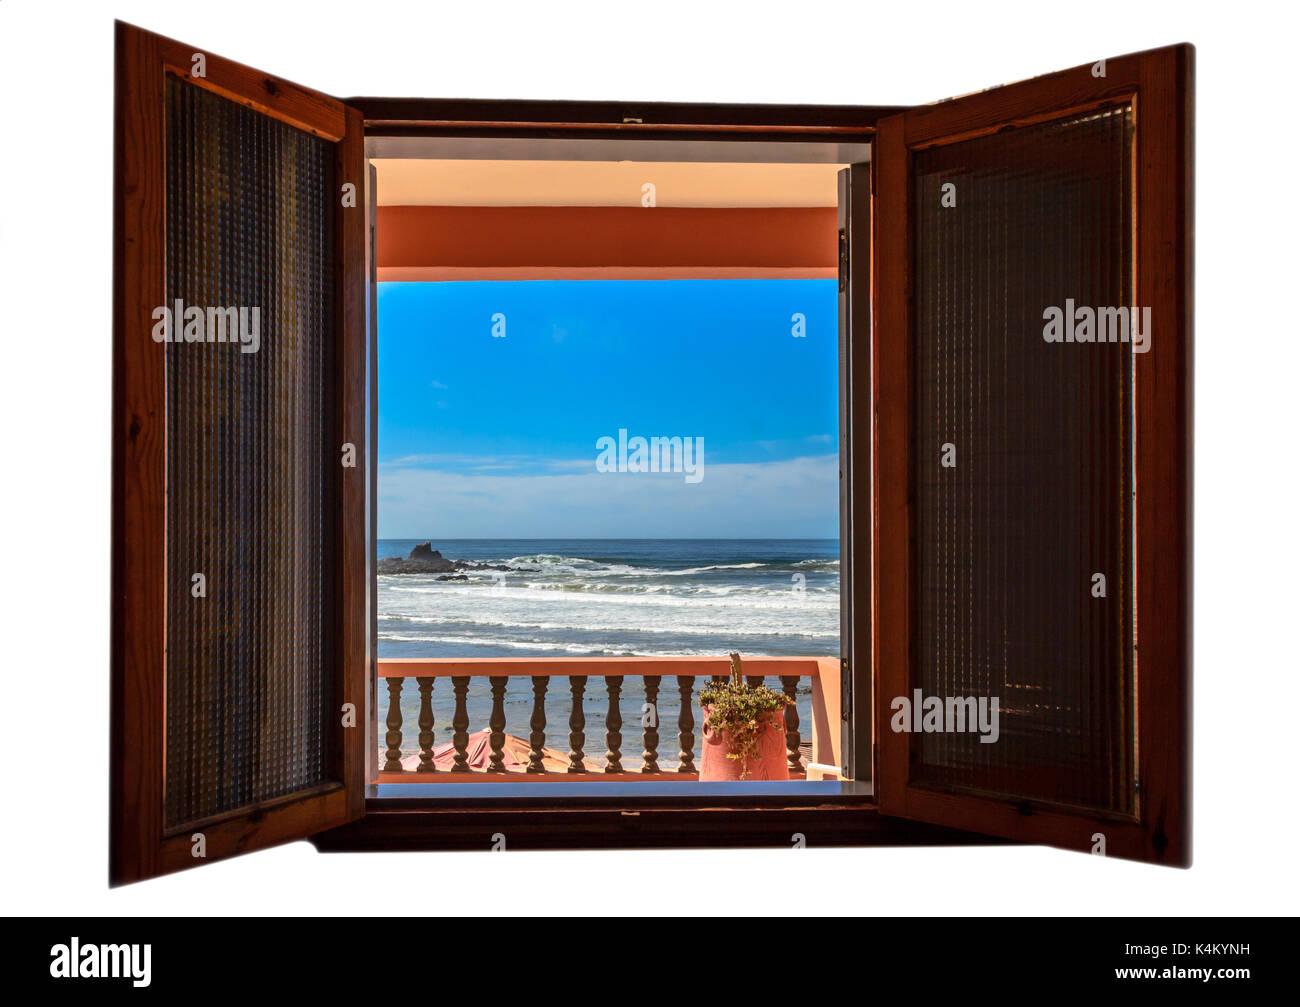 Isolated window - Stock Image